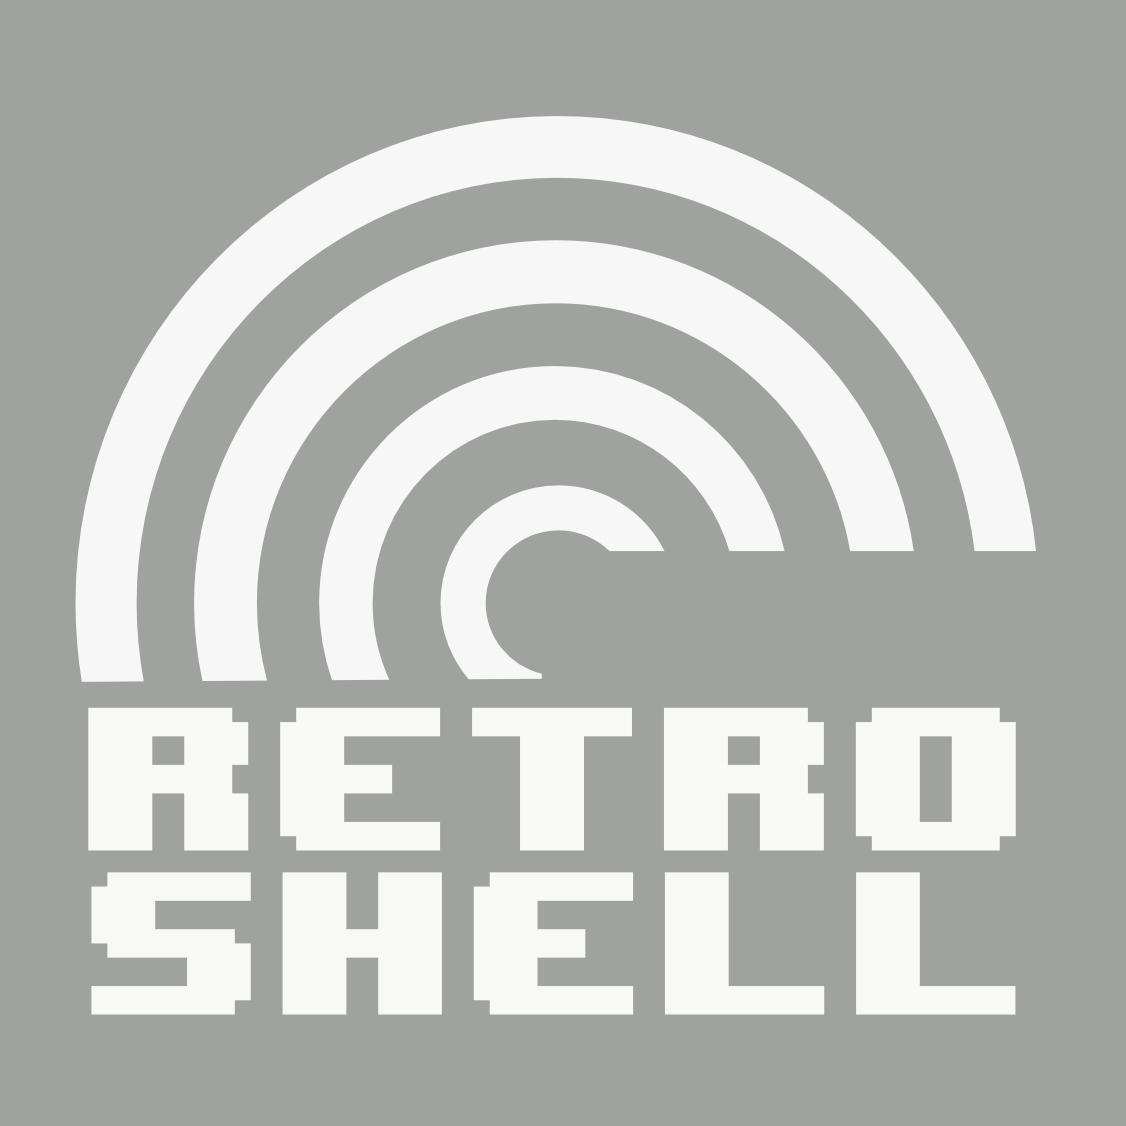 Retroshell